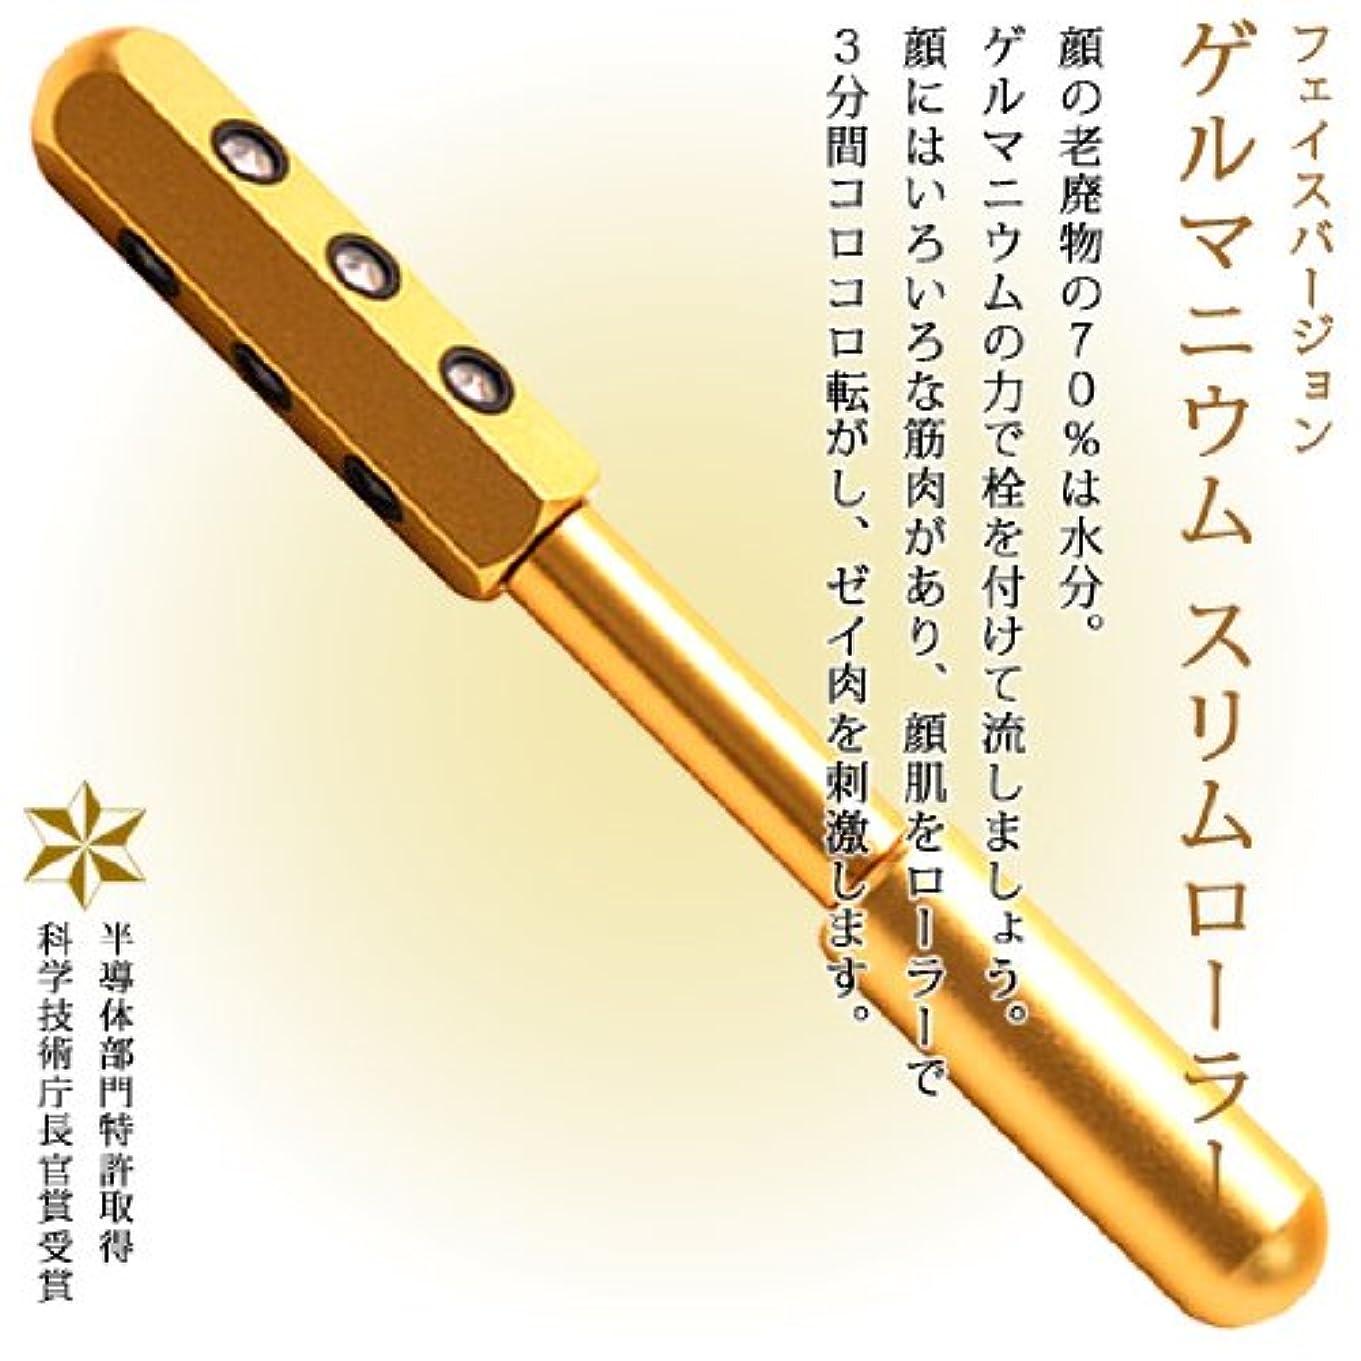 同封する魅力的舗装するゲルマニウムスリムローラー フェイスバージョン 【ゴールド】